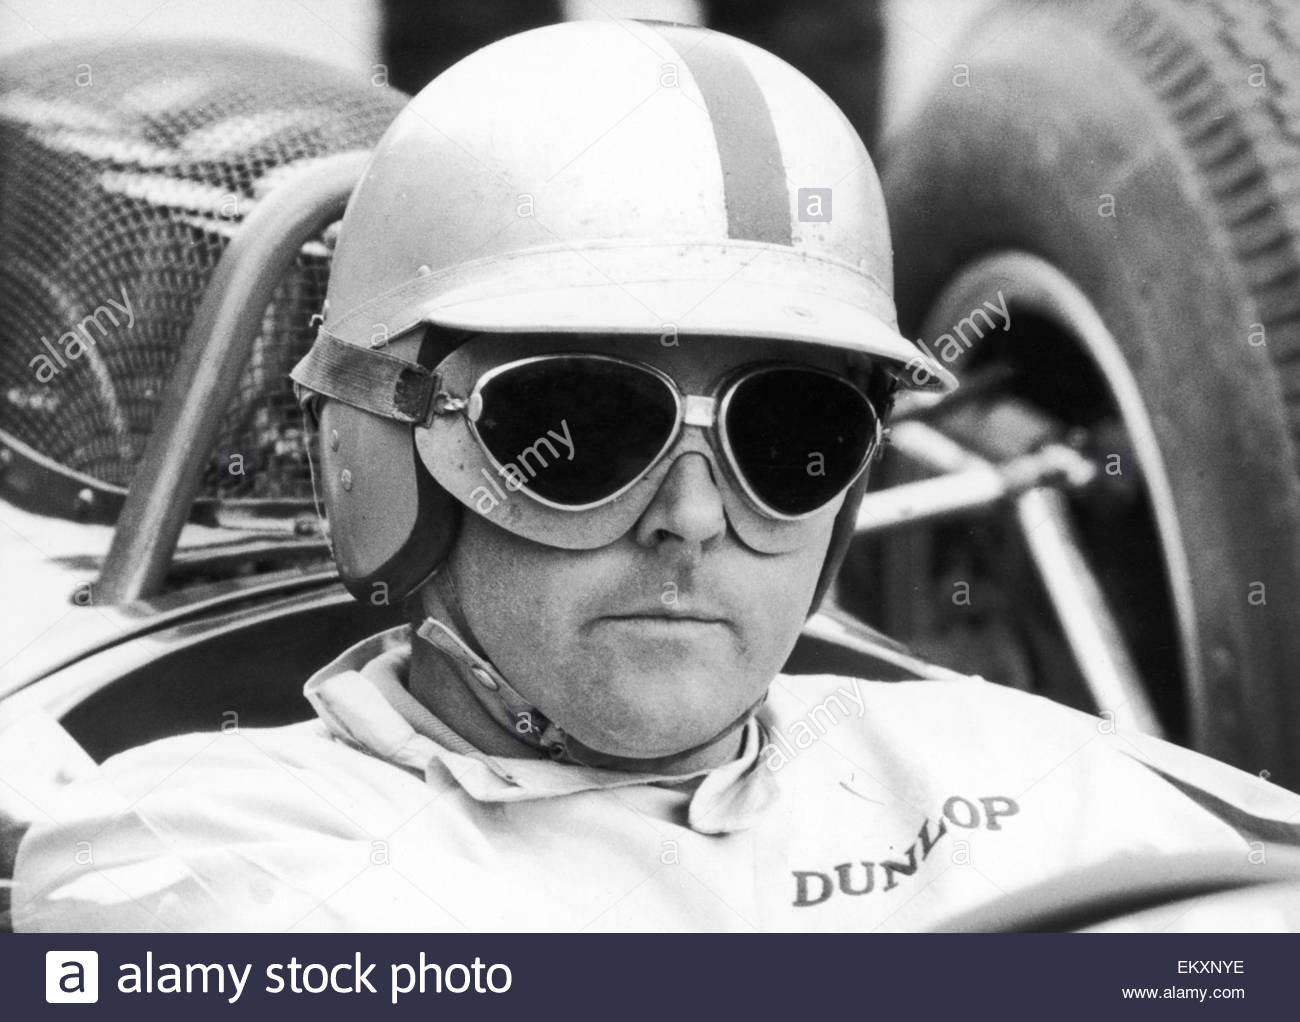 racing-driver-jack-brabham-seen-here-testing-his-latest-car-9th-july-EKXNYE.jpg